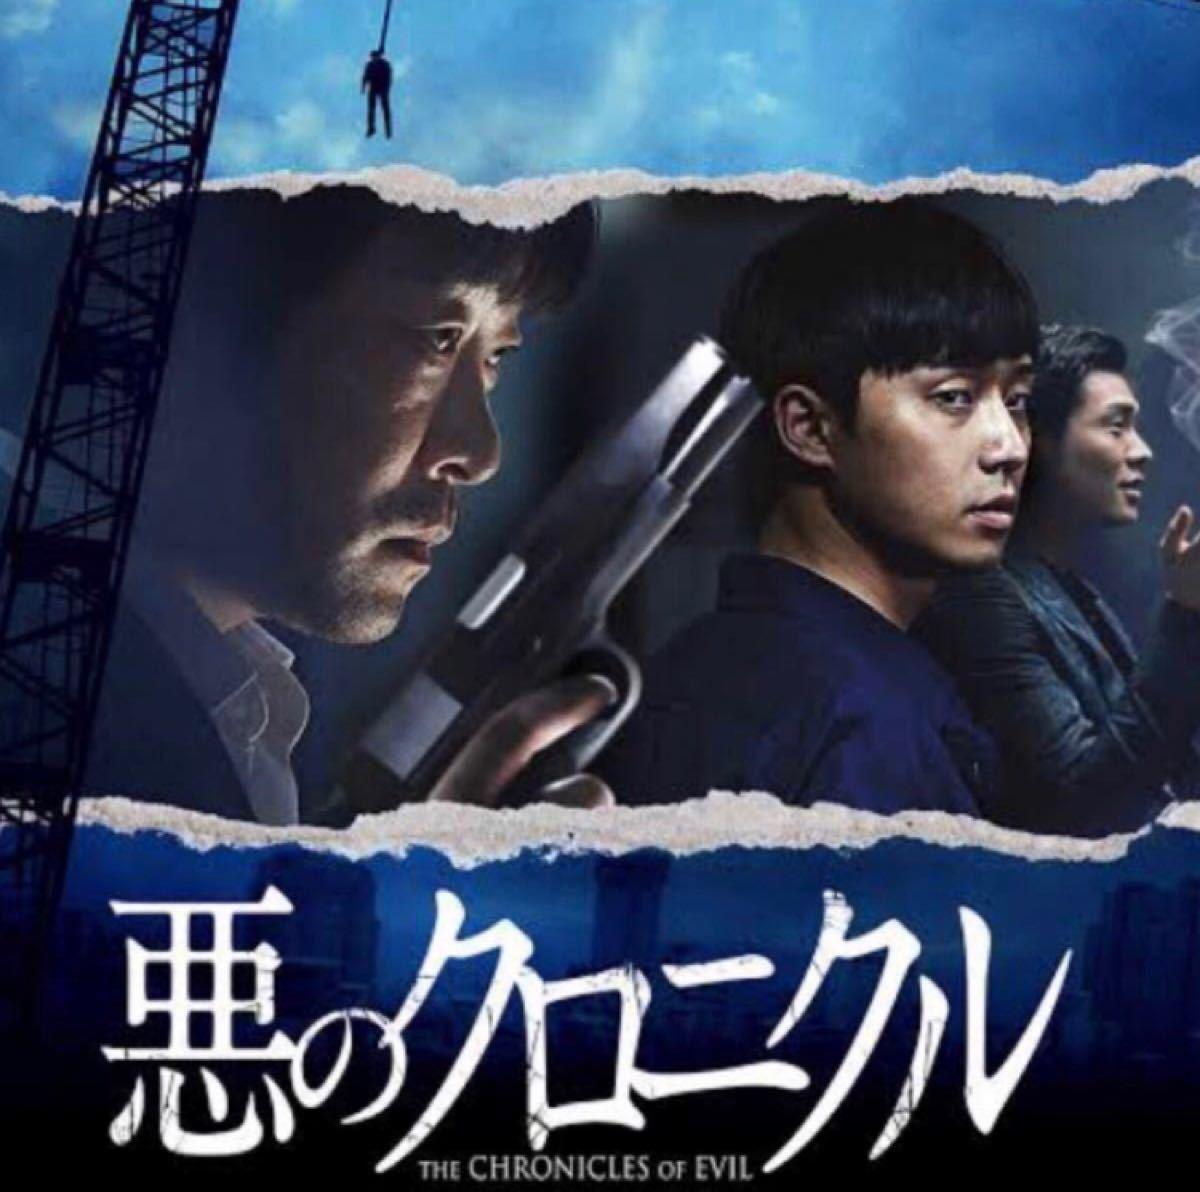 韓国映画  悪のクロニクル  パク・ソジュン  マ・ドンソク  DVD  レーベル有り